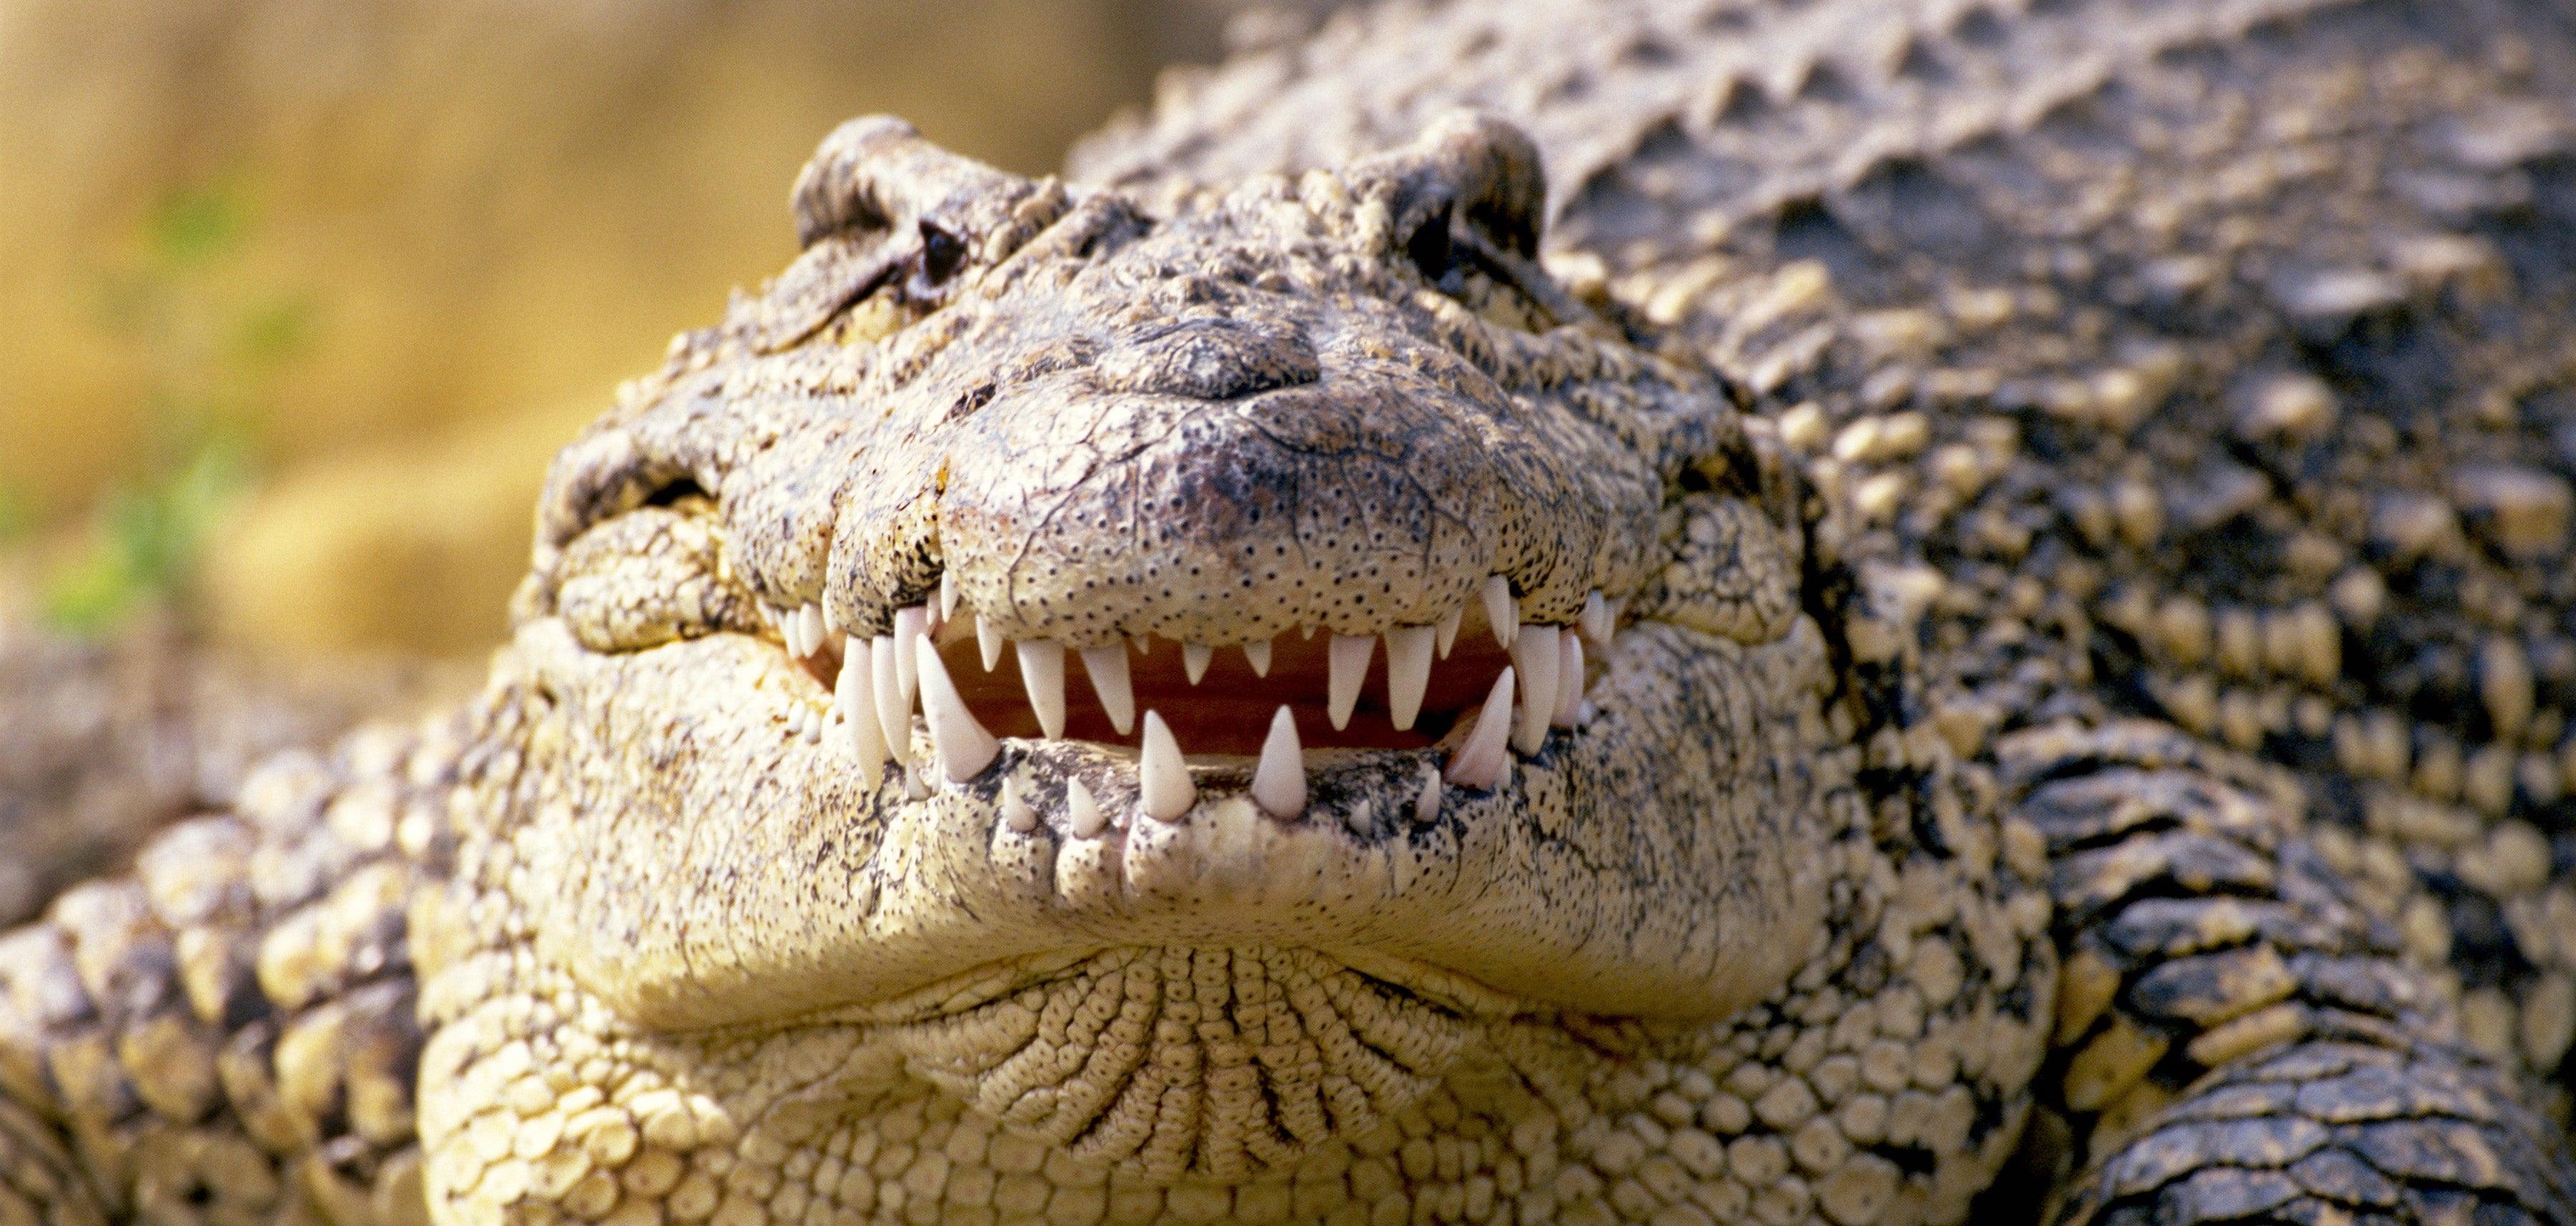 Зубная фея тут не работает: структура эмали зубов крокодилов и их доисторических предков